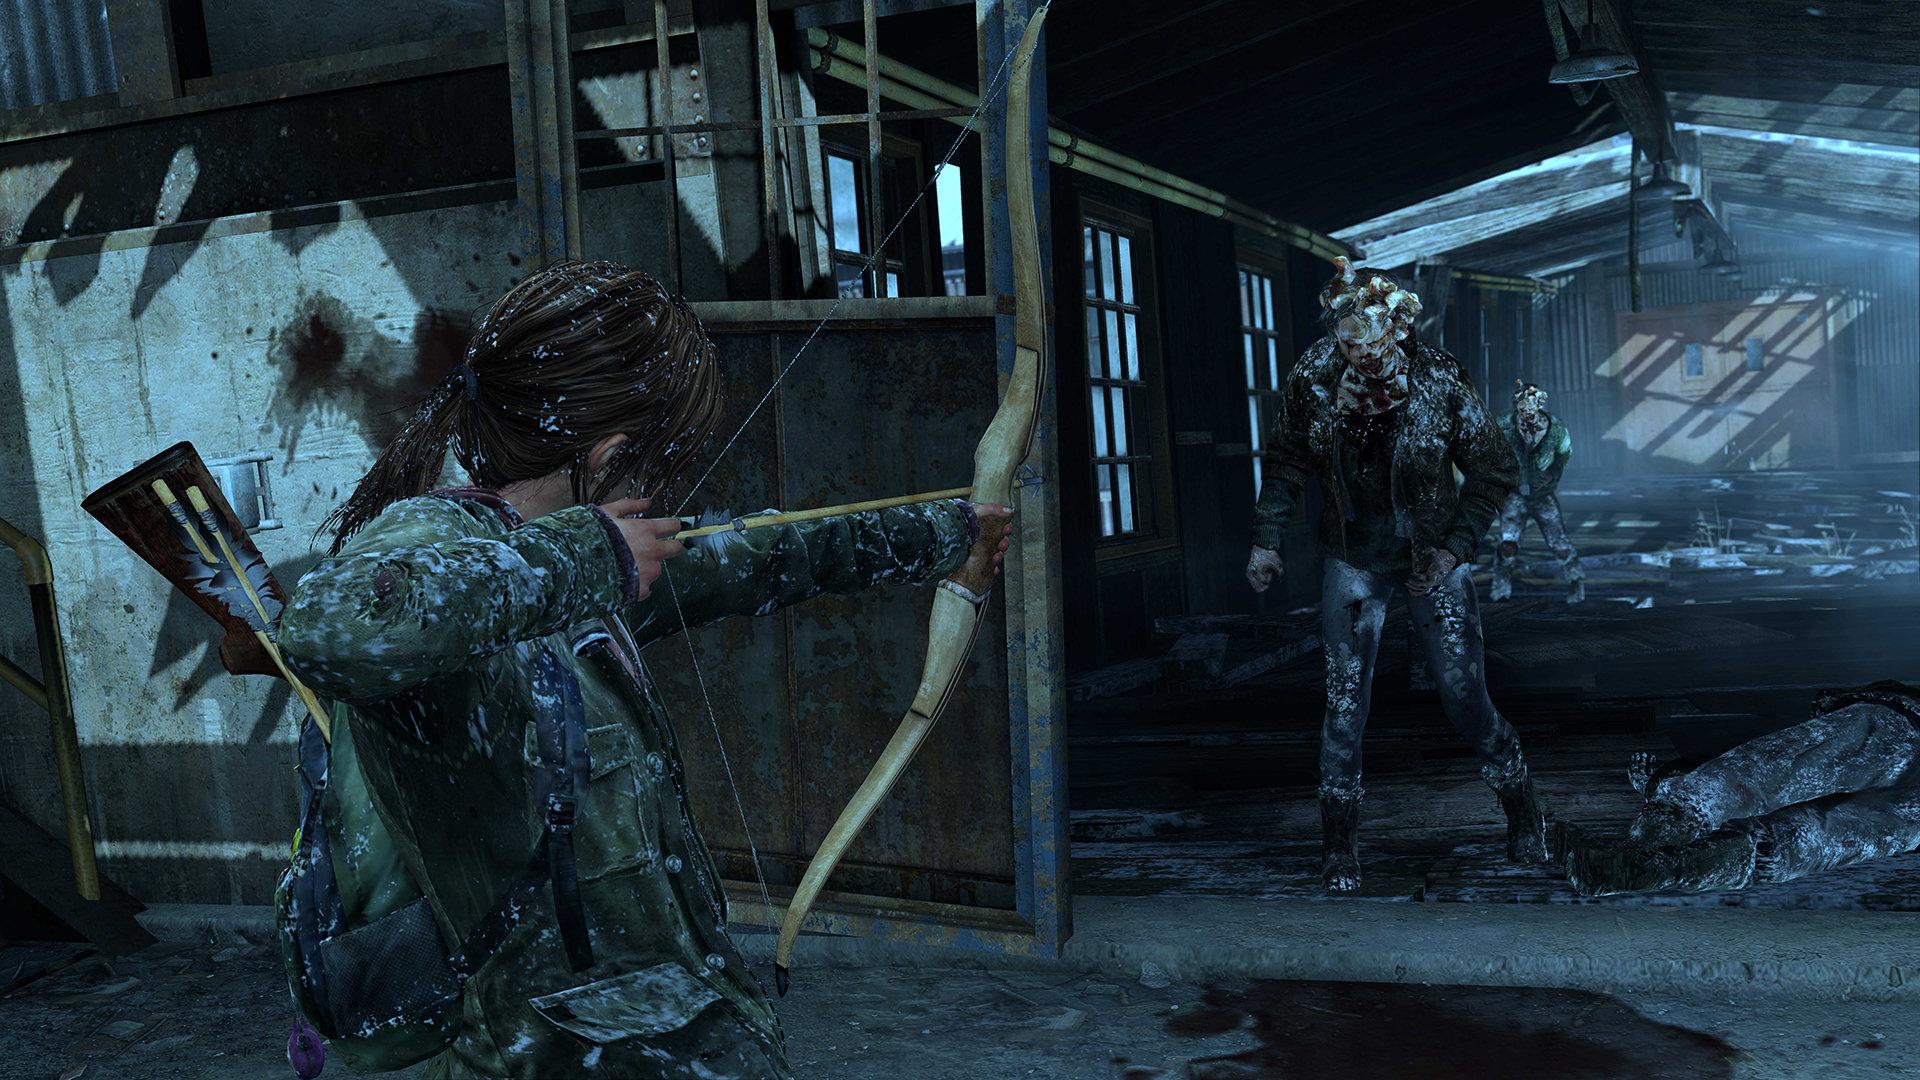 لعبة The Last of Us Remastered تحصل على تحديث جديد لدعم الـ بليستيشن 4 برو